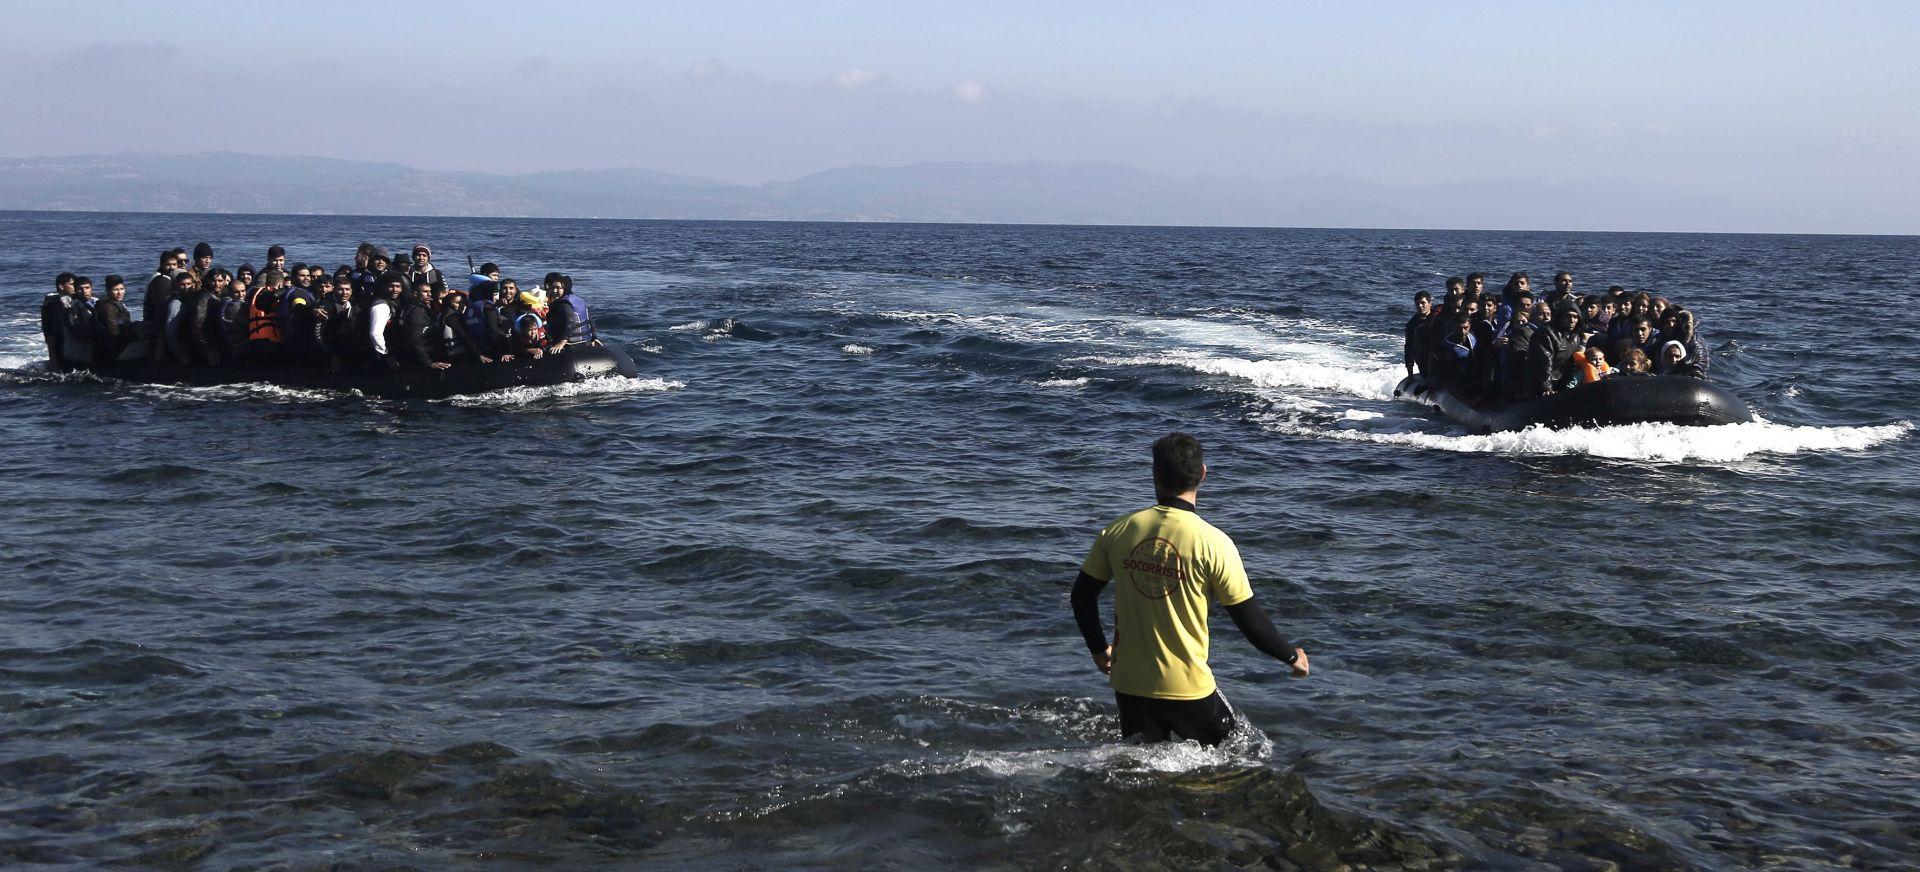 POGINULO VIŠE OD 700 MIGRANATA Kapetan potonulog broda osuđen na 18 godina zatvora